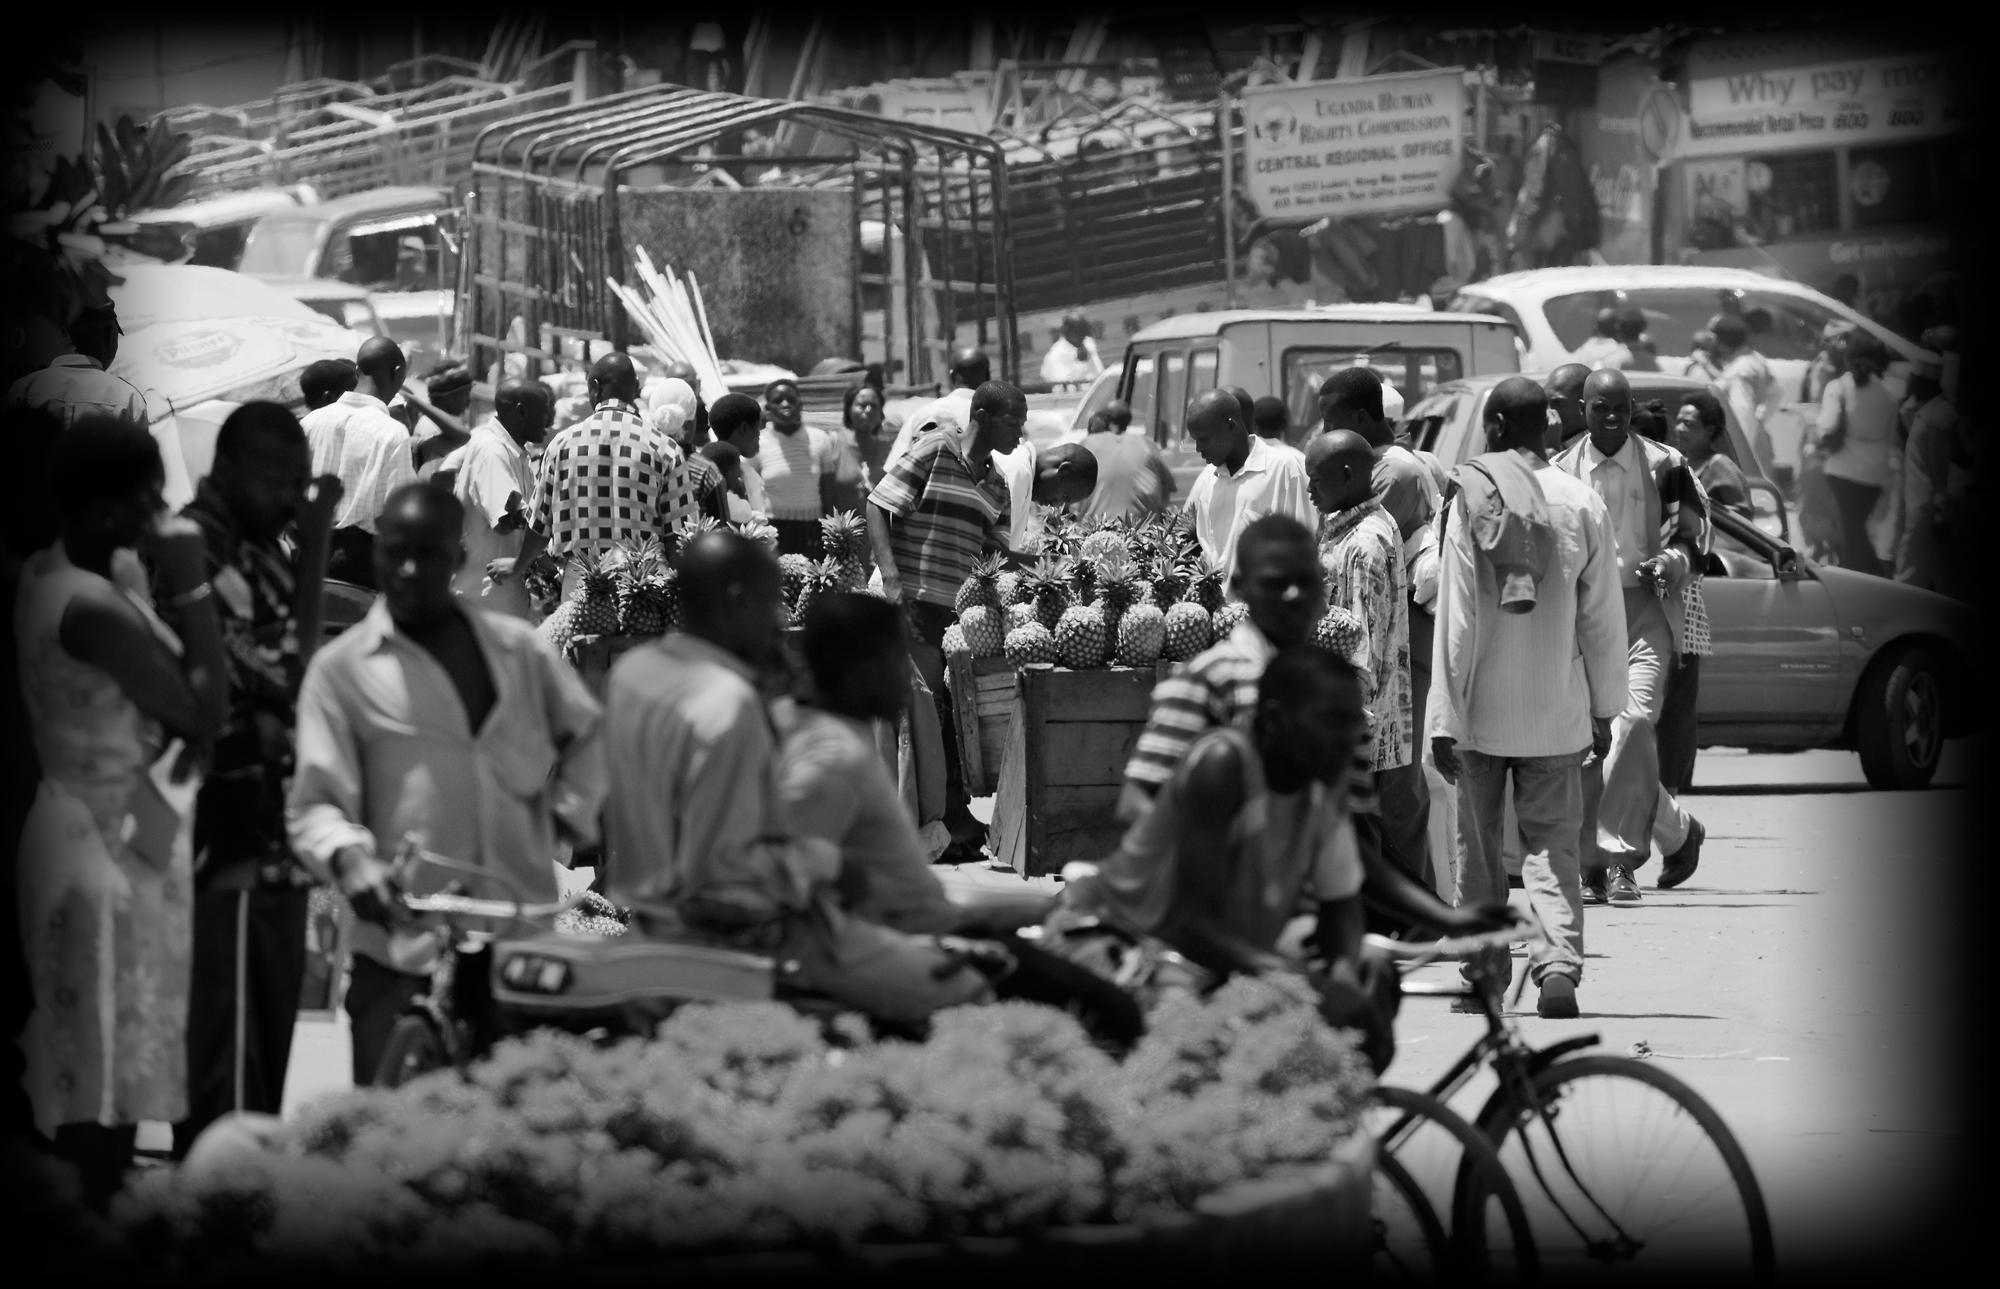 The Pineapple Seller